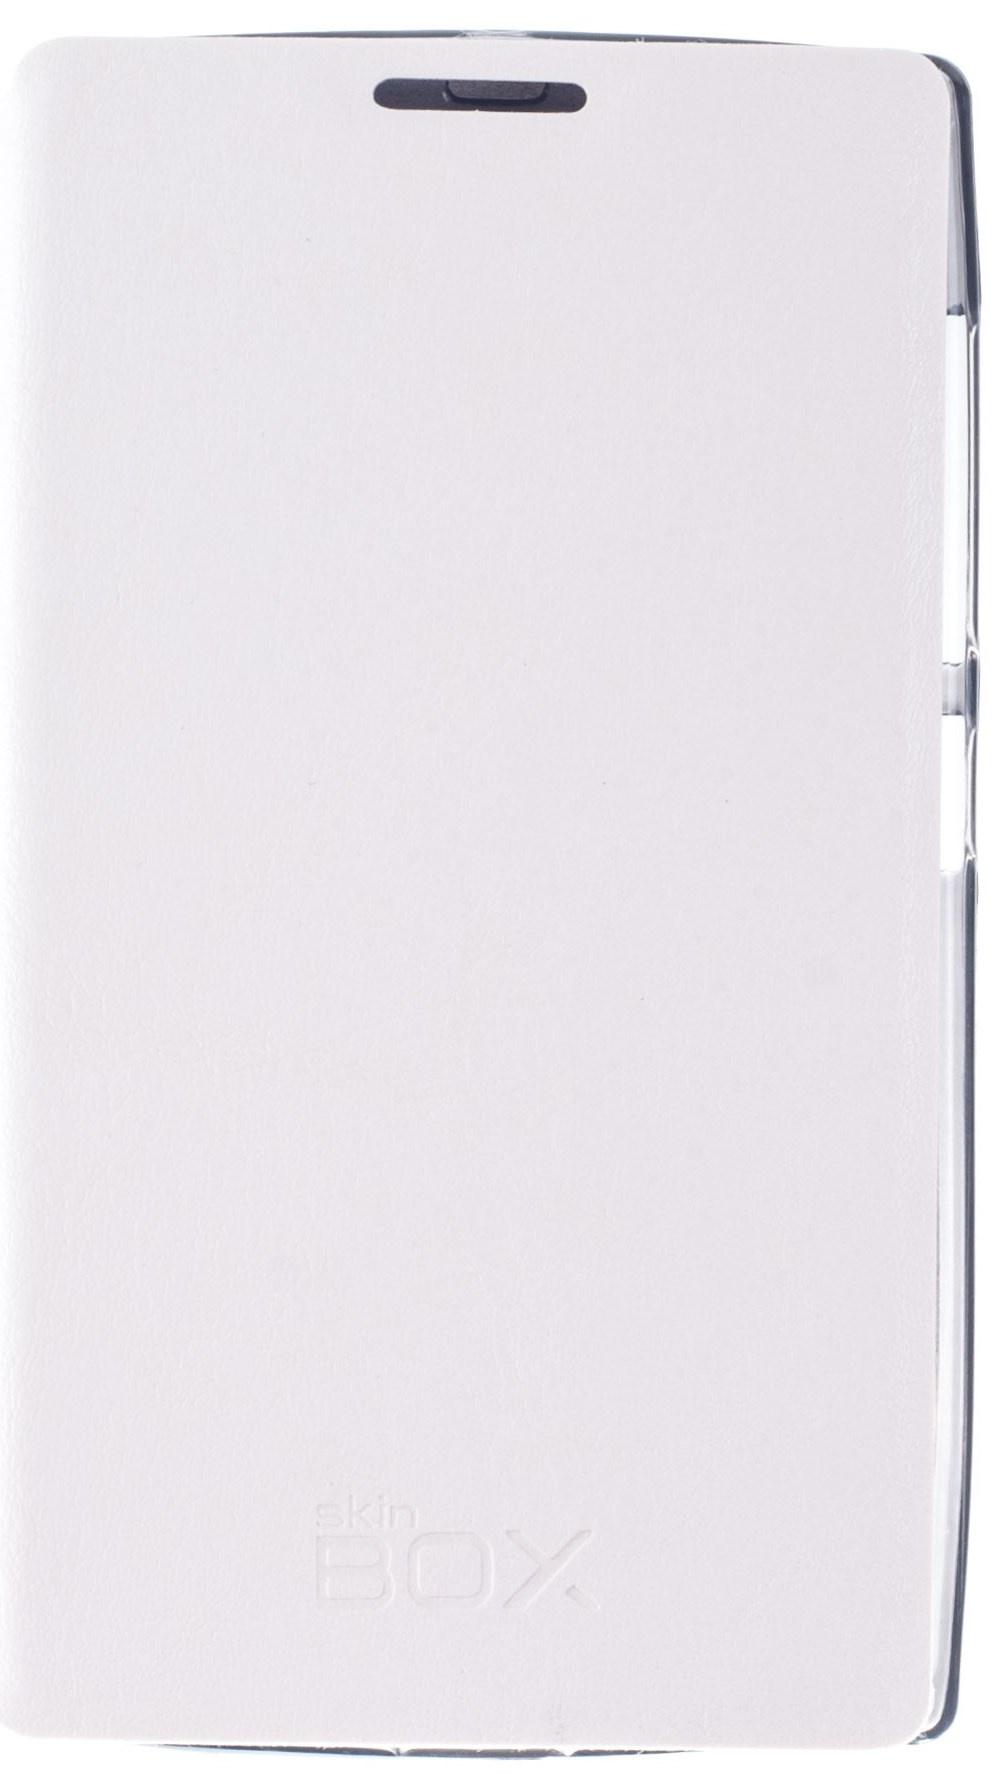 Чехол для сотового телефона skinBOX Lux, 4630042526761, белый